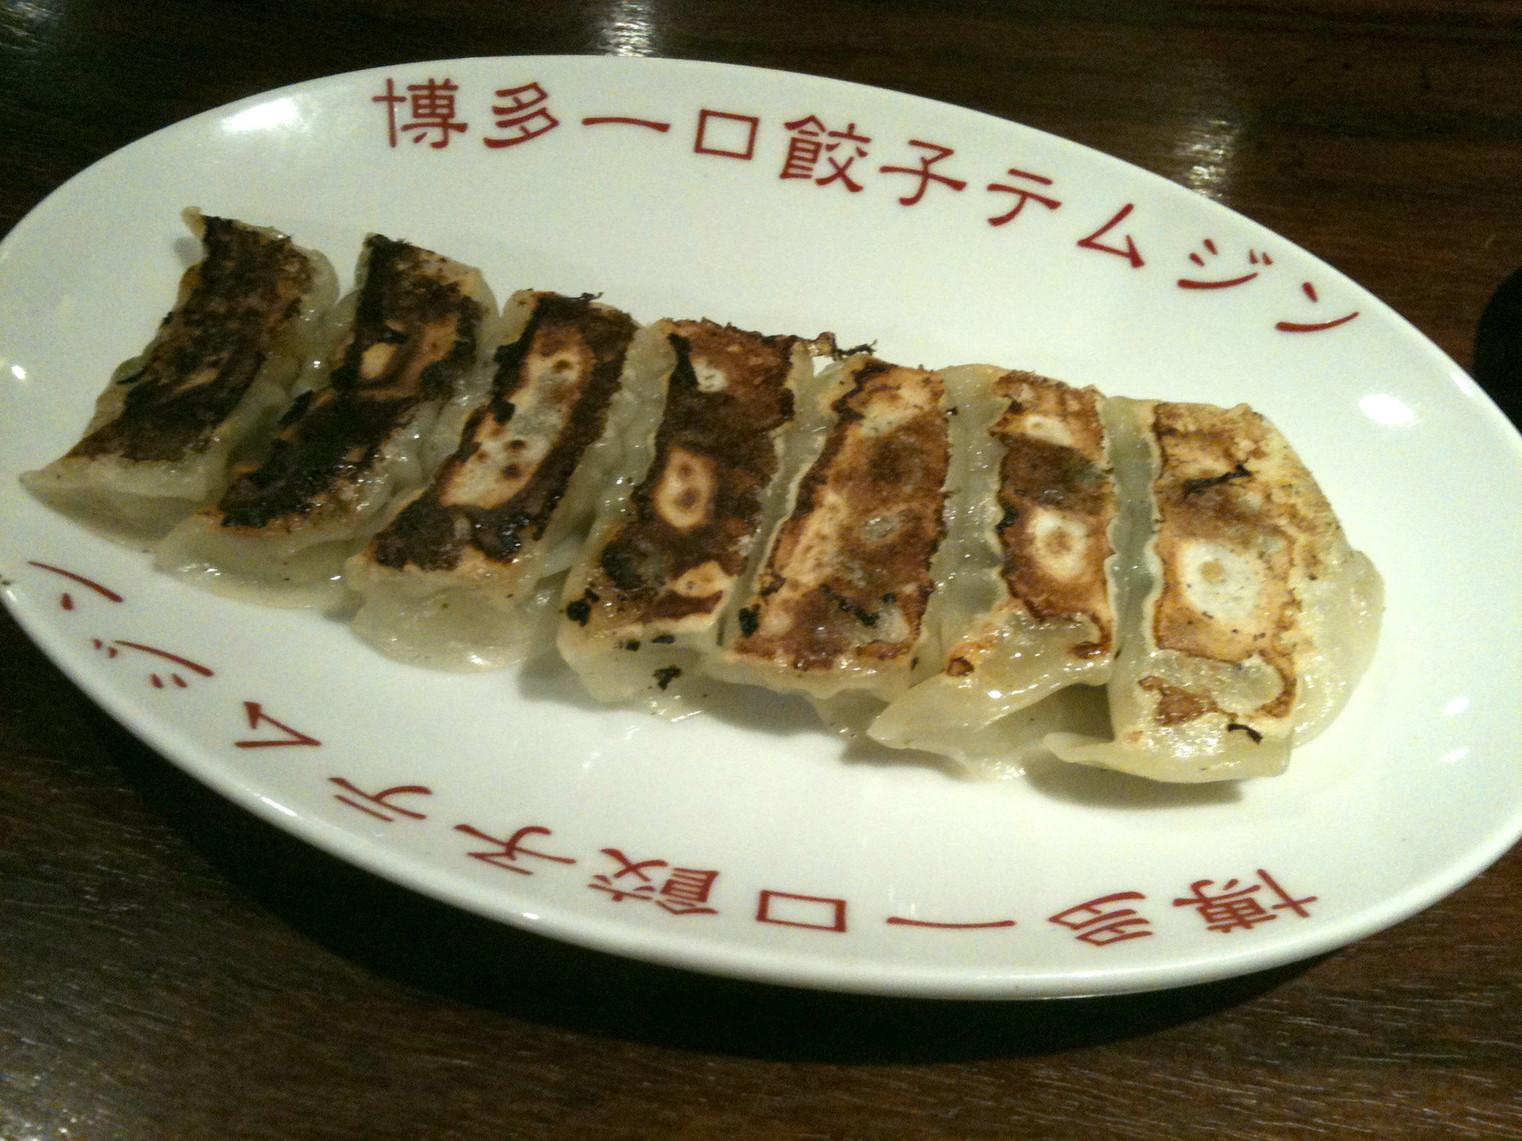 テムジン 新宿西口ハルク店